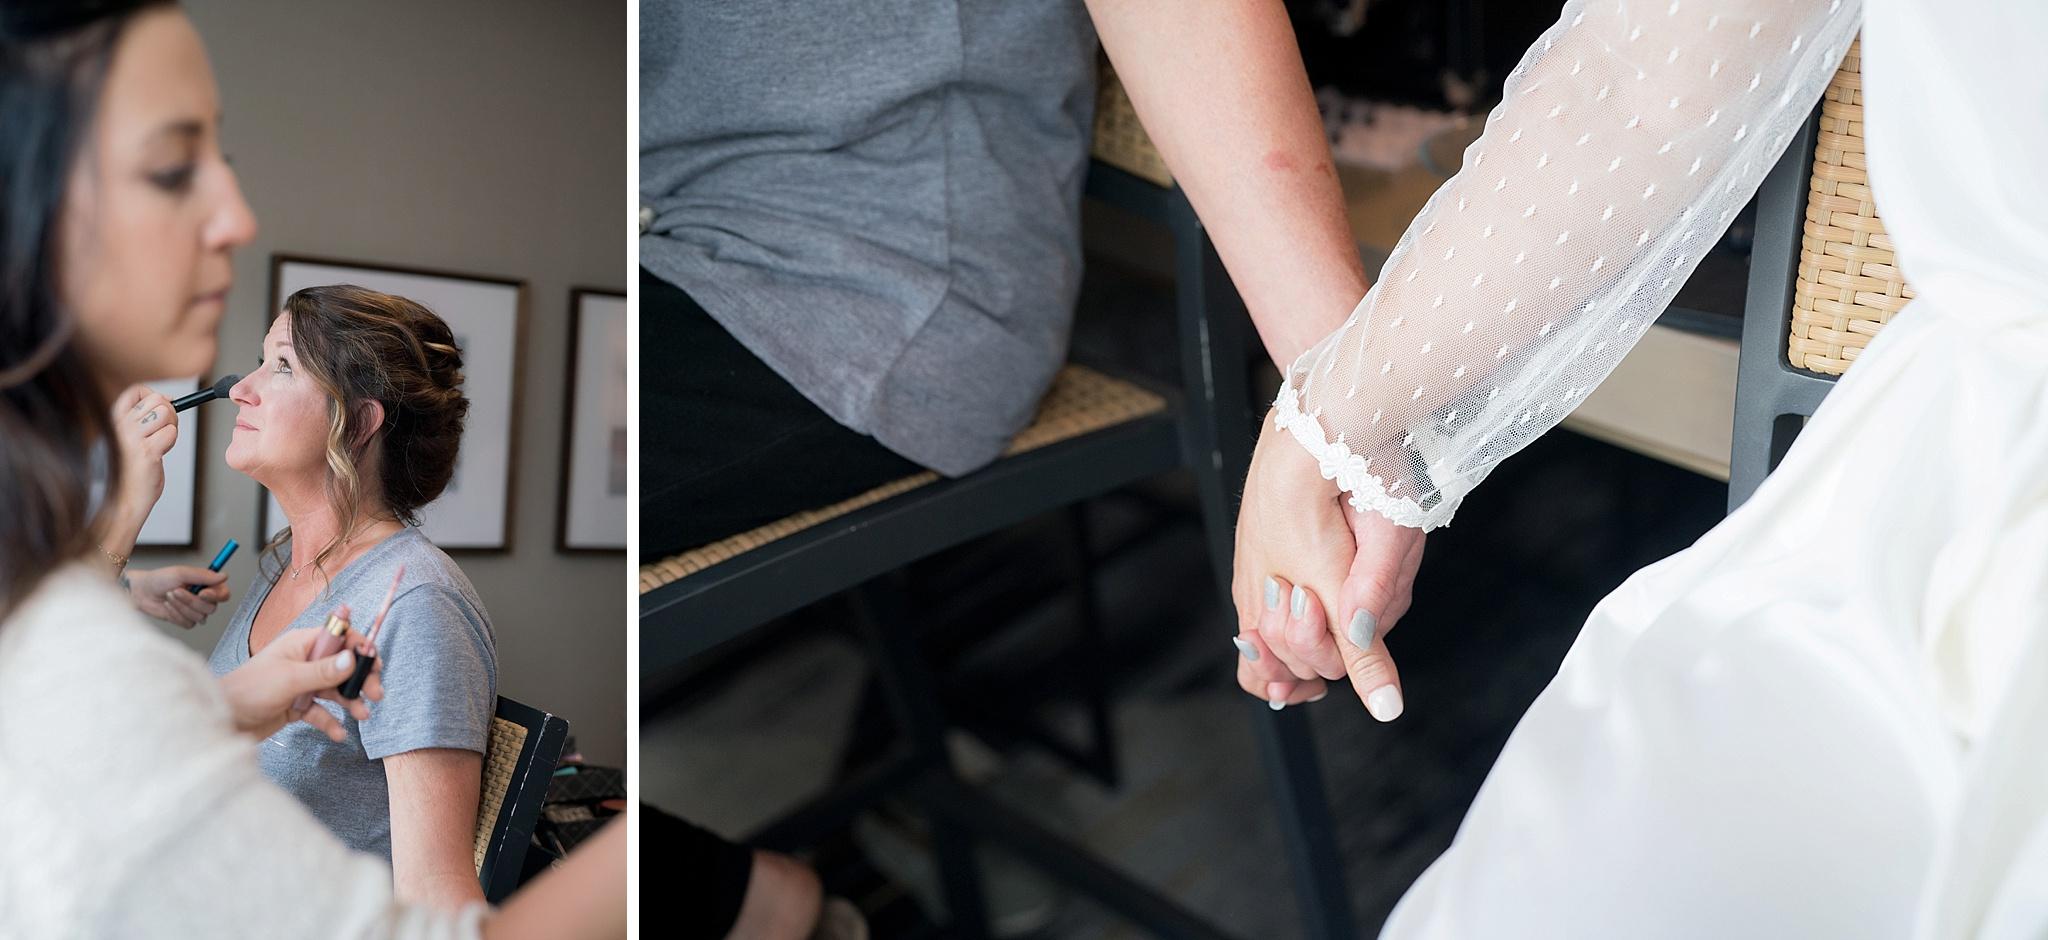 Melrose-Knitting-Mill-Photographer-011.jpg